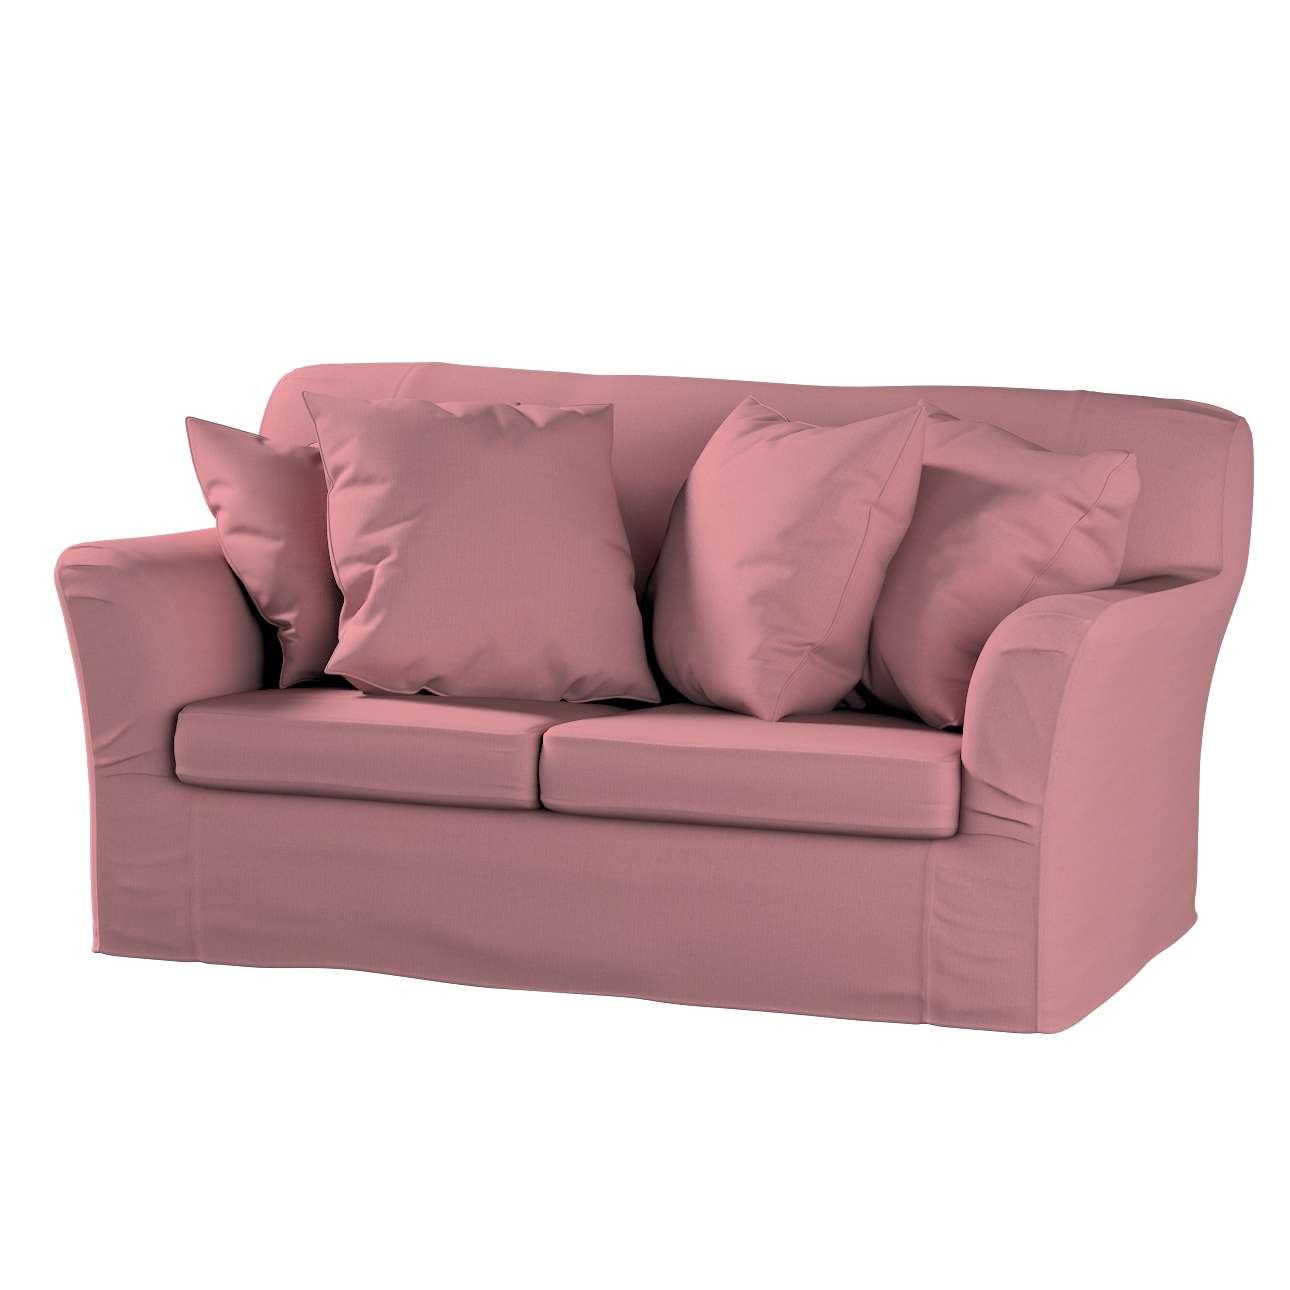 Pokrowiec na sofę Tomelilla 2-osobową nierozkładaną w kolekcji Cotton Panama, tkanina: 702-43